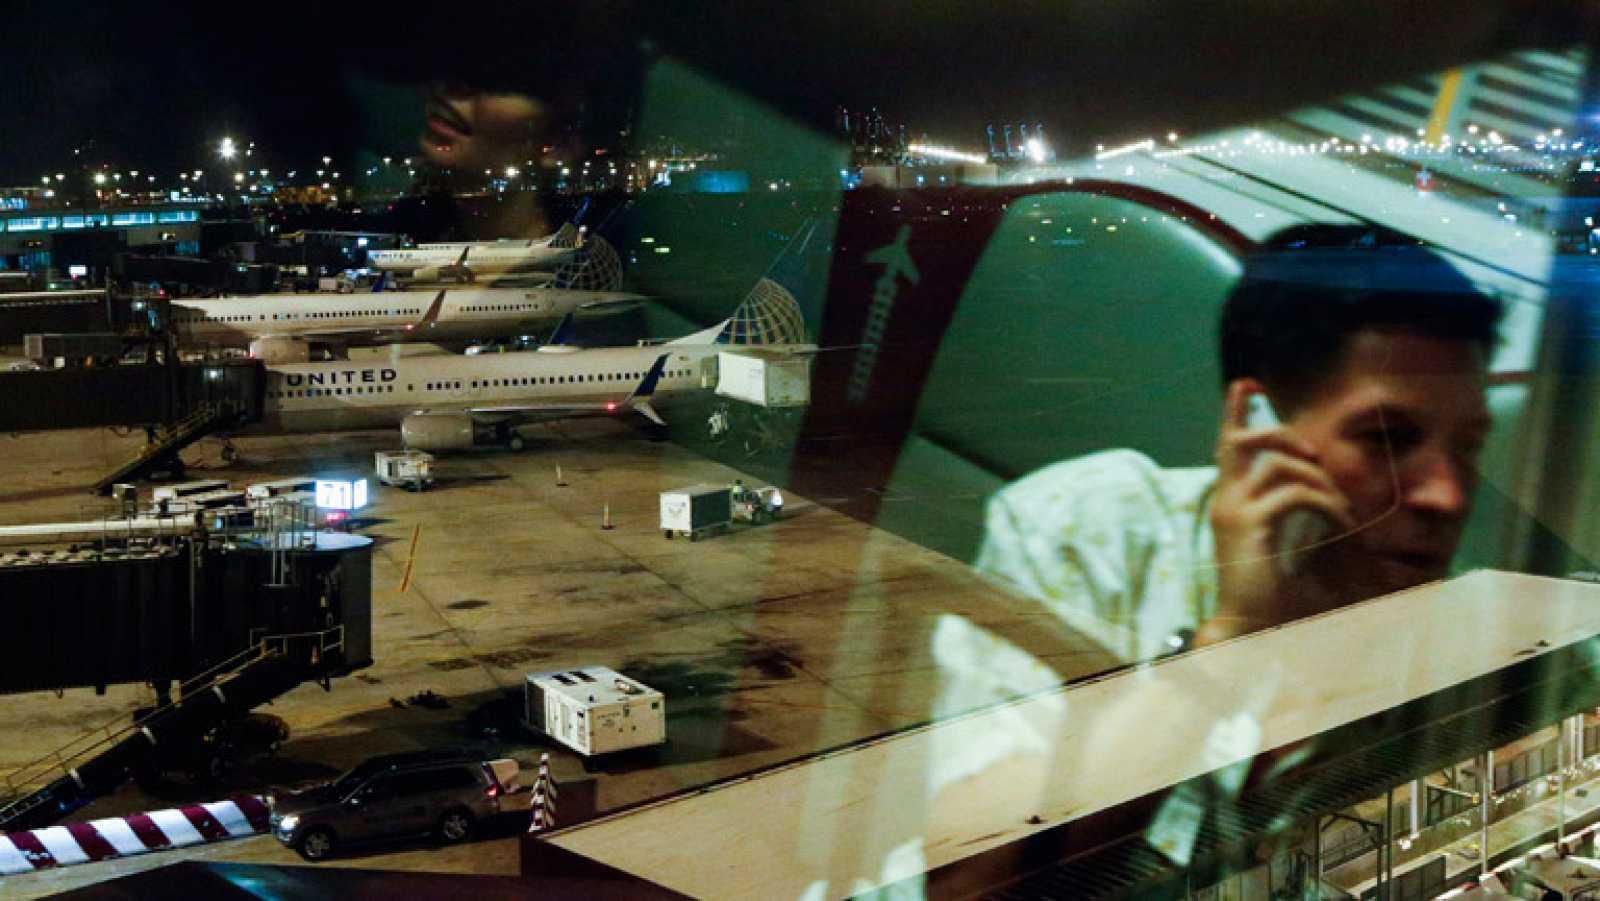 EE.UU prohíbe a sus aerolíneas volar a Tel Aviv tras impactar un cohete a una milla del aeropuerto